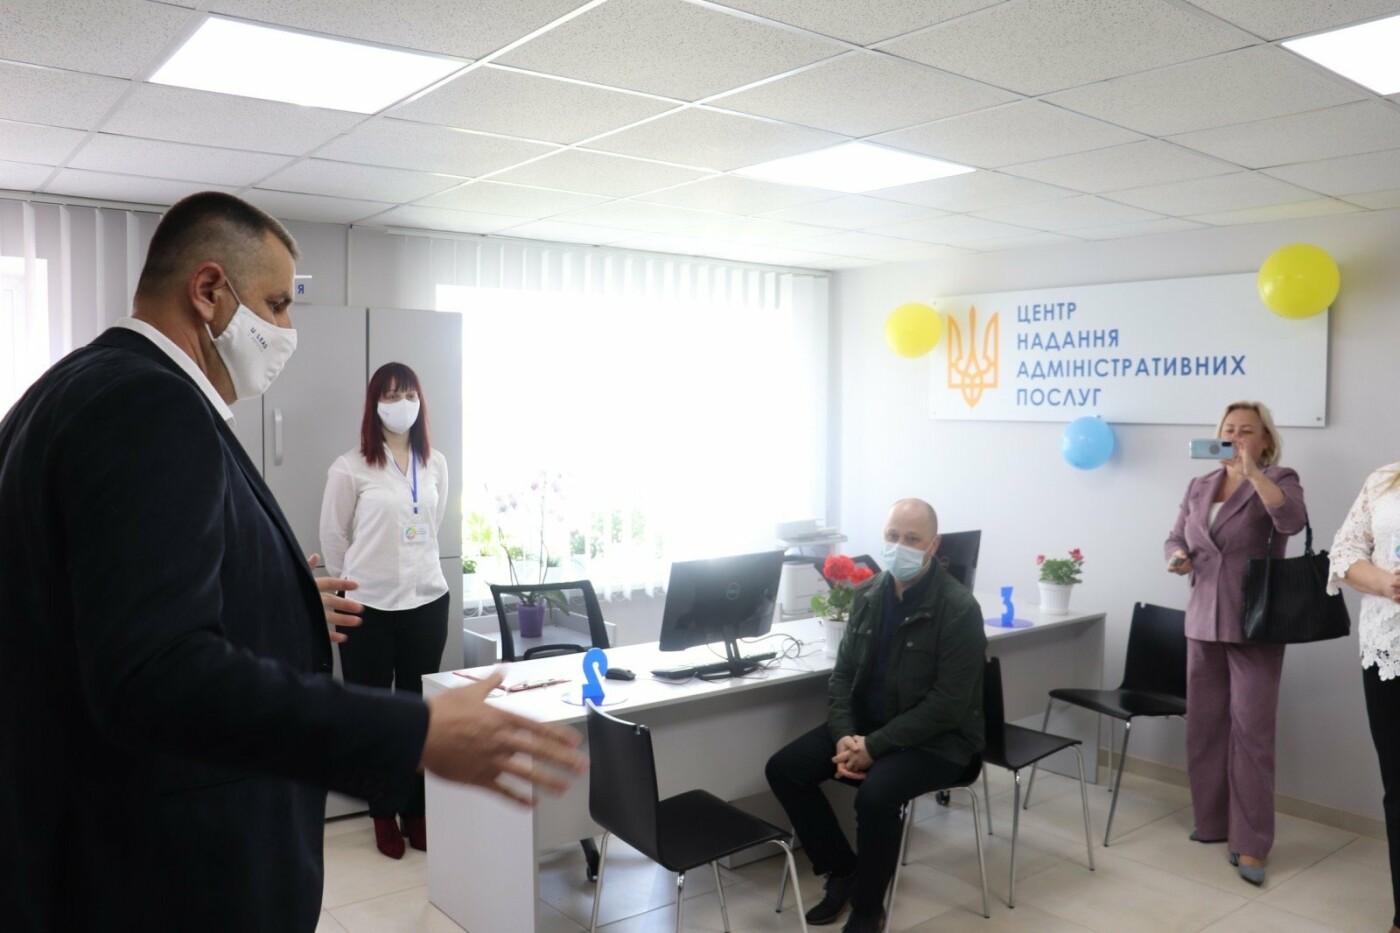 Чотири нові ЦНАПи відкрилися на Рівненщині: які громади стали щасливчиками, фото-4